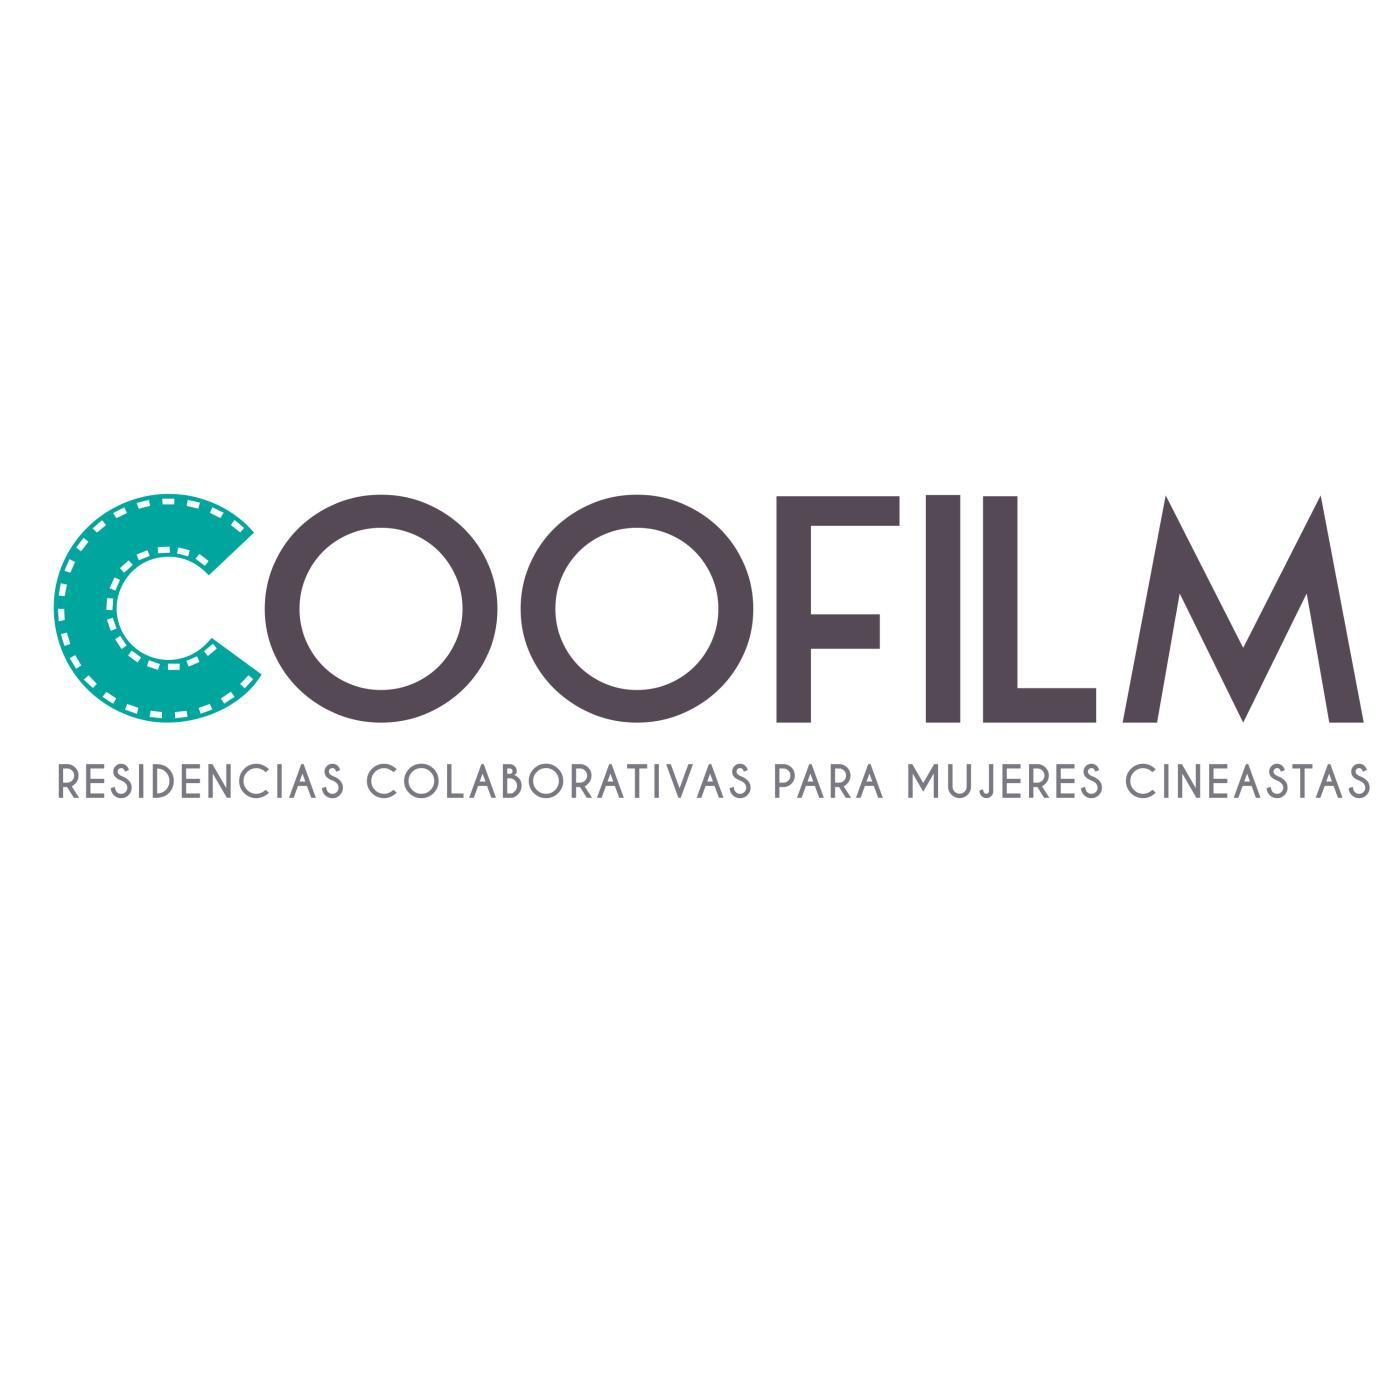 logo-coofilm_1605633516978.jpg